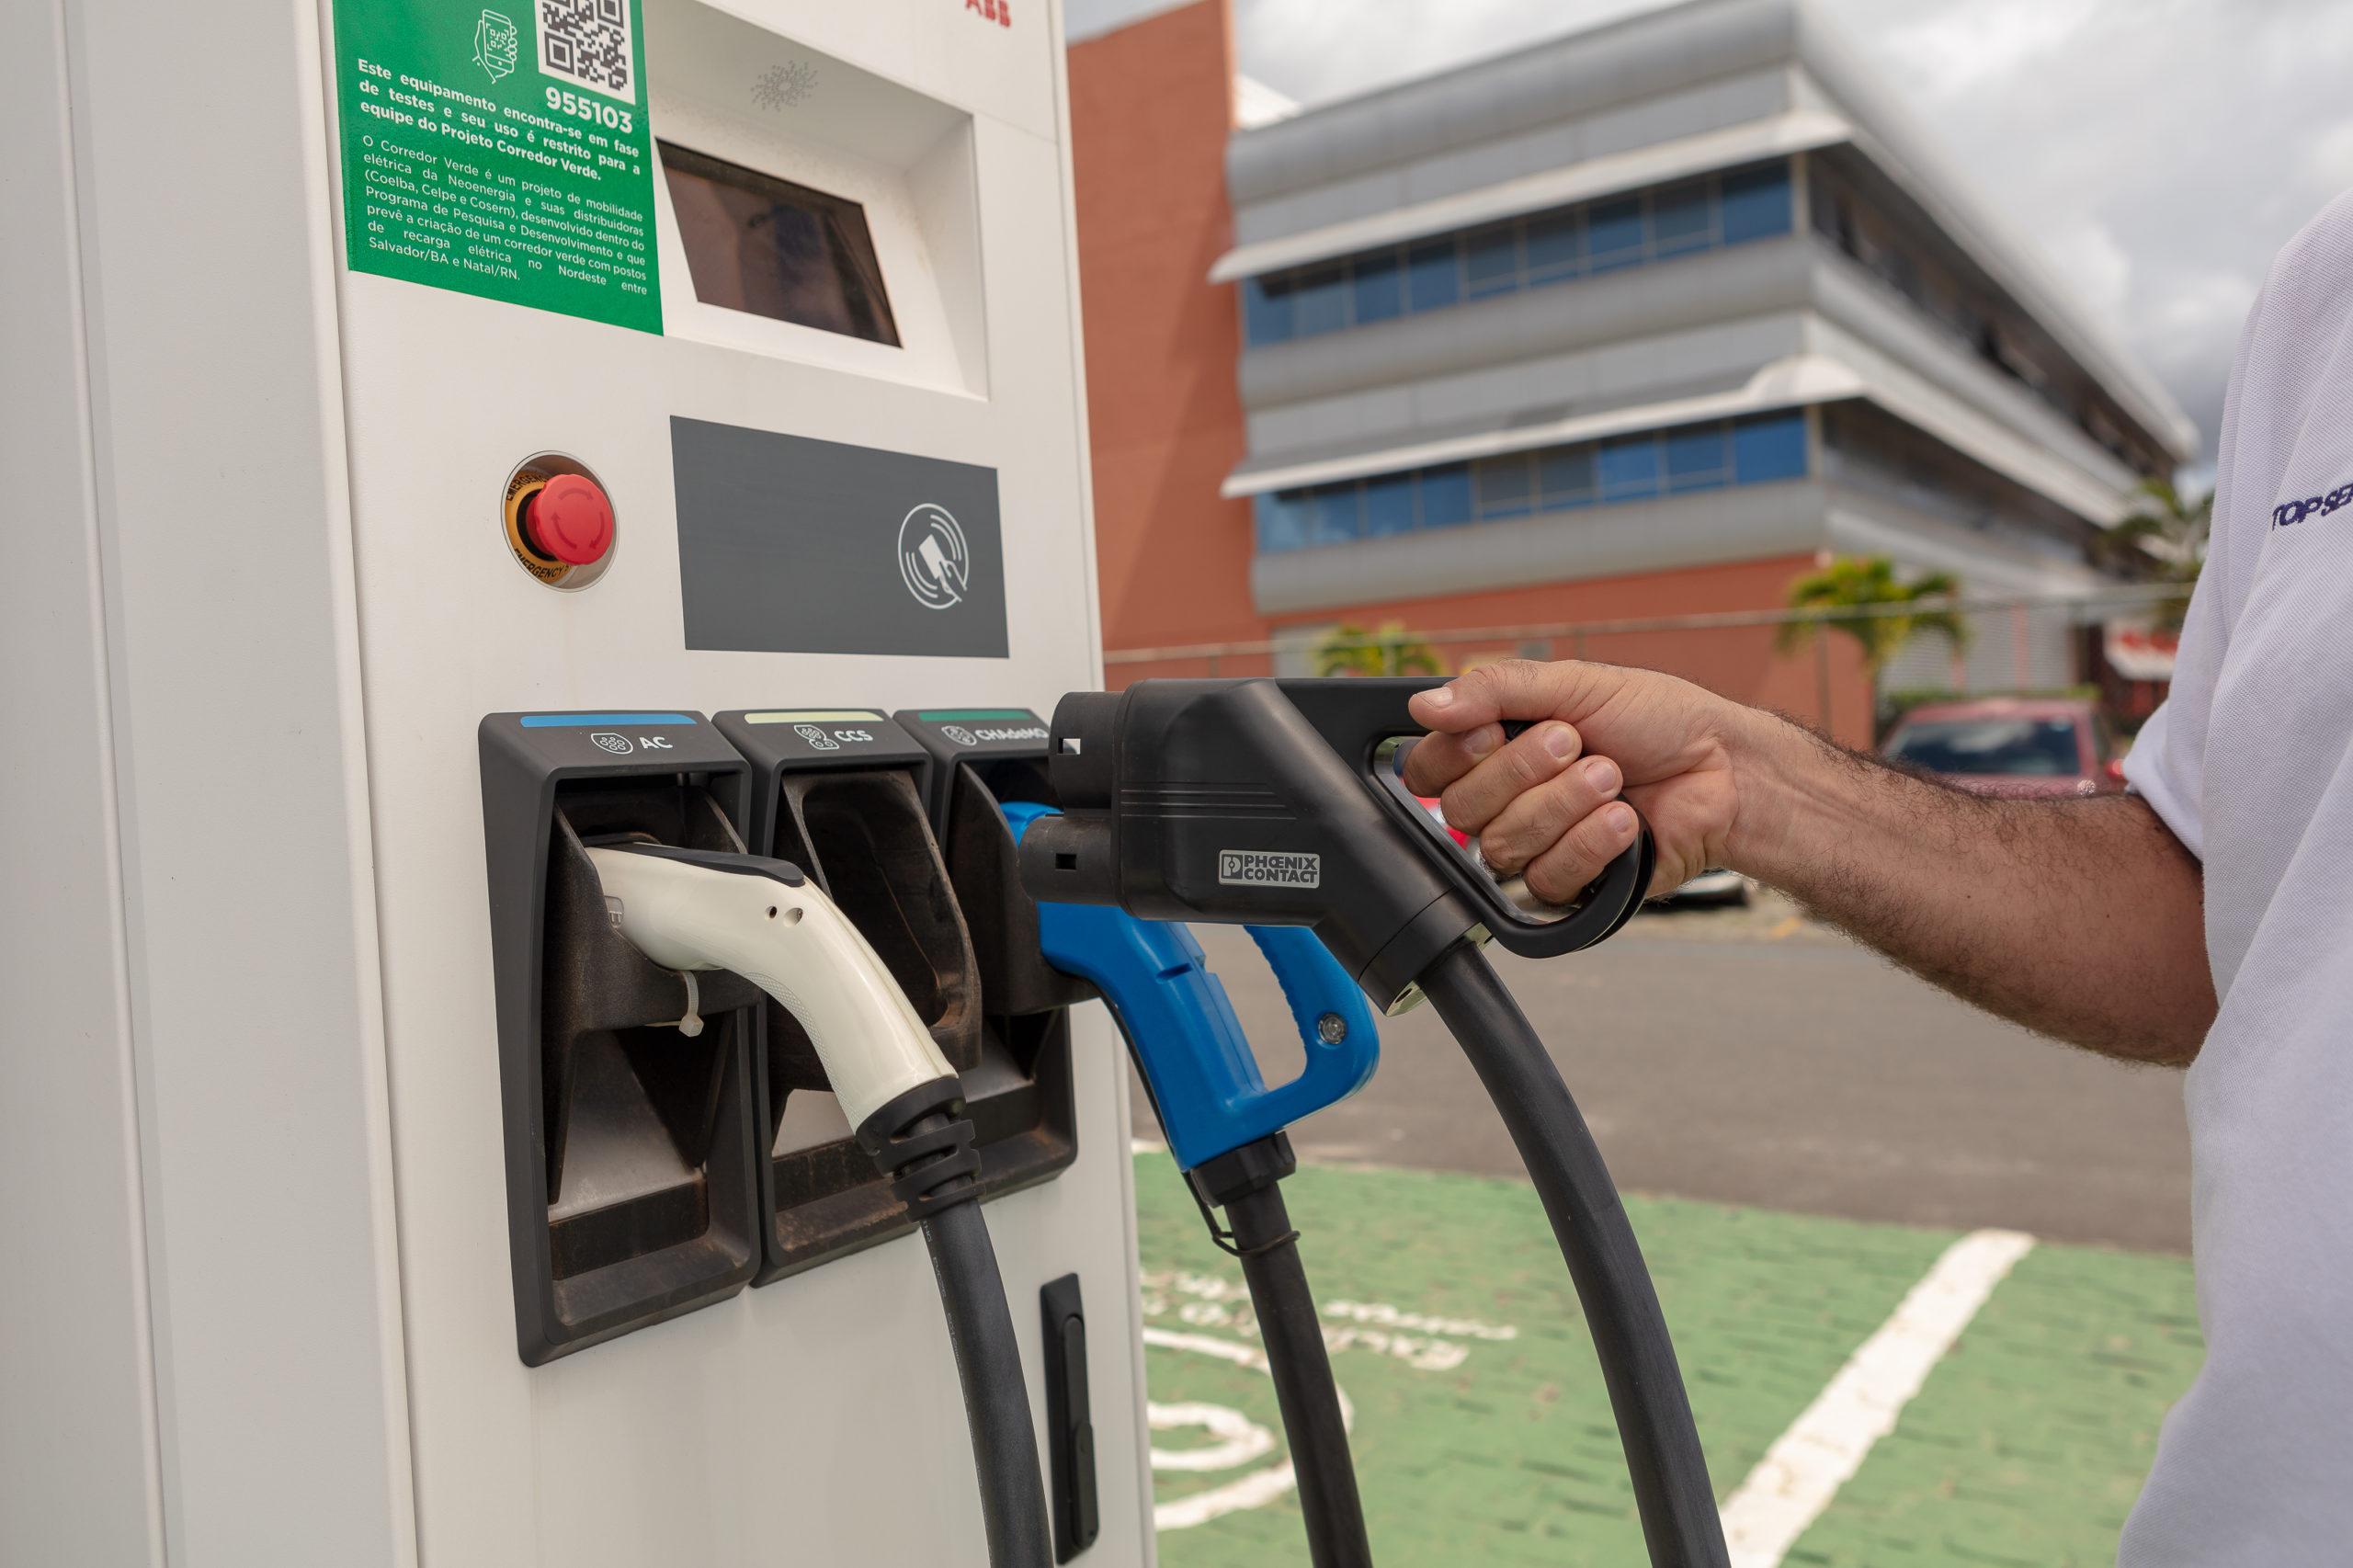 veículos elétricos - Neoenergia -Nordeste